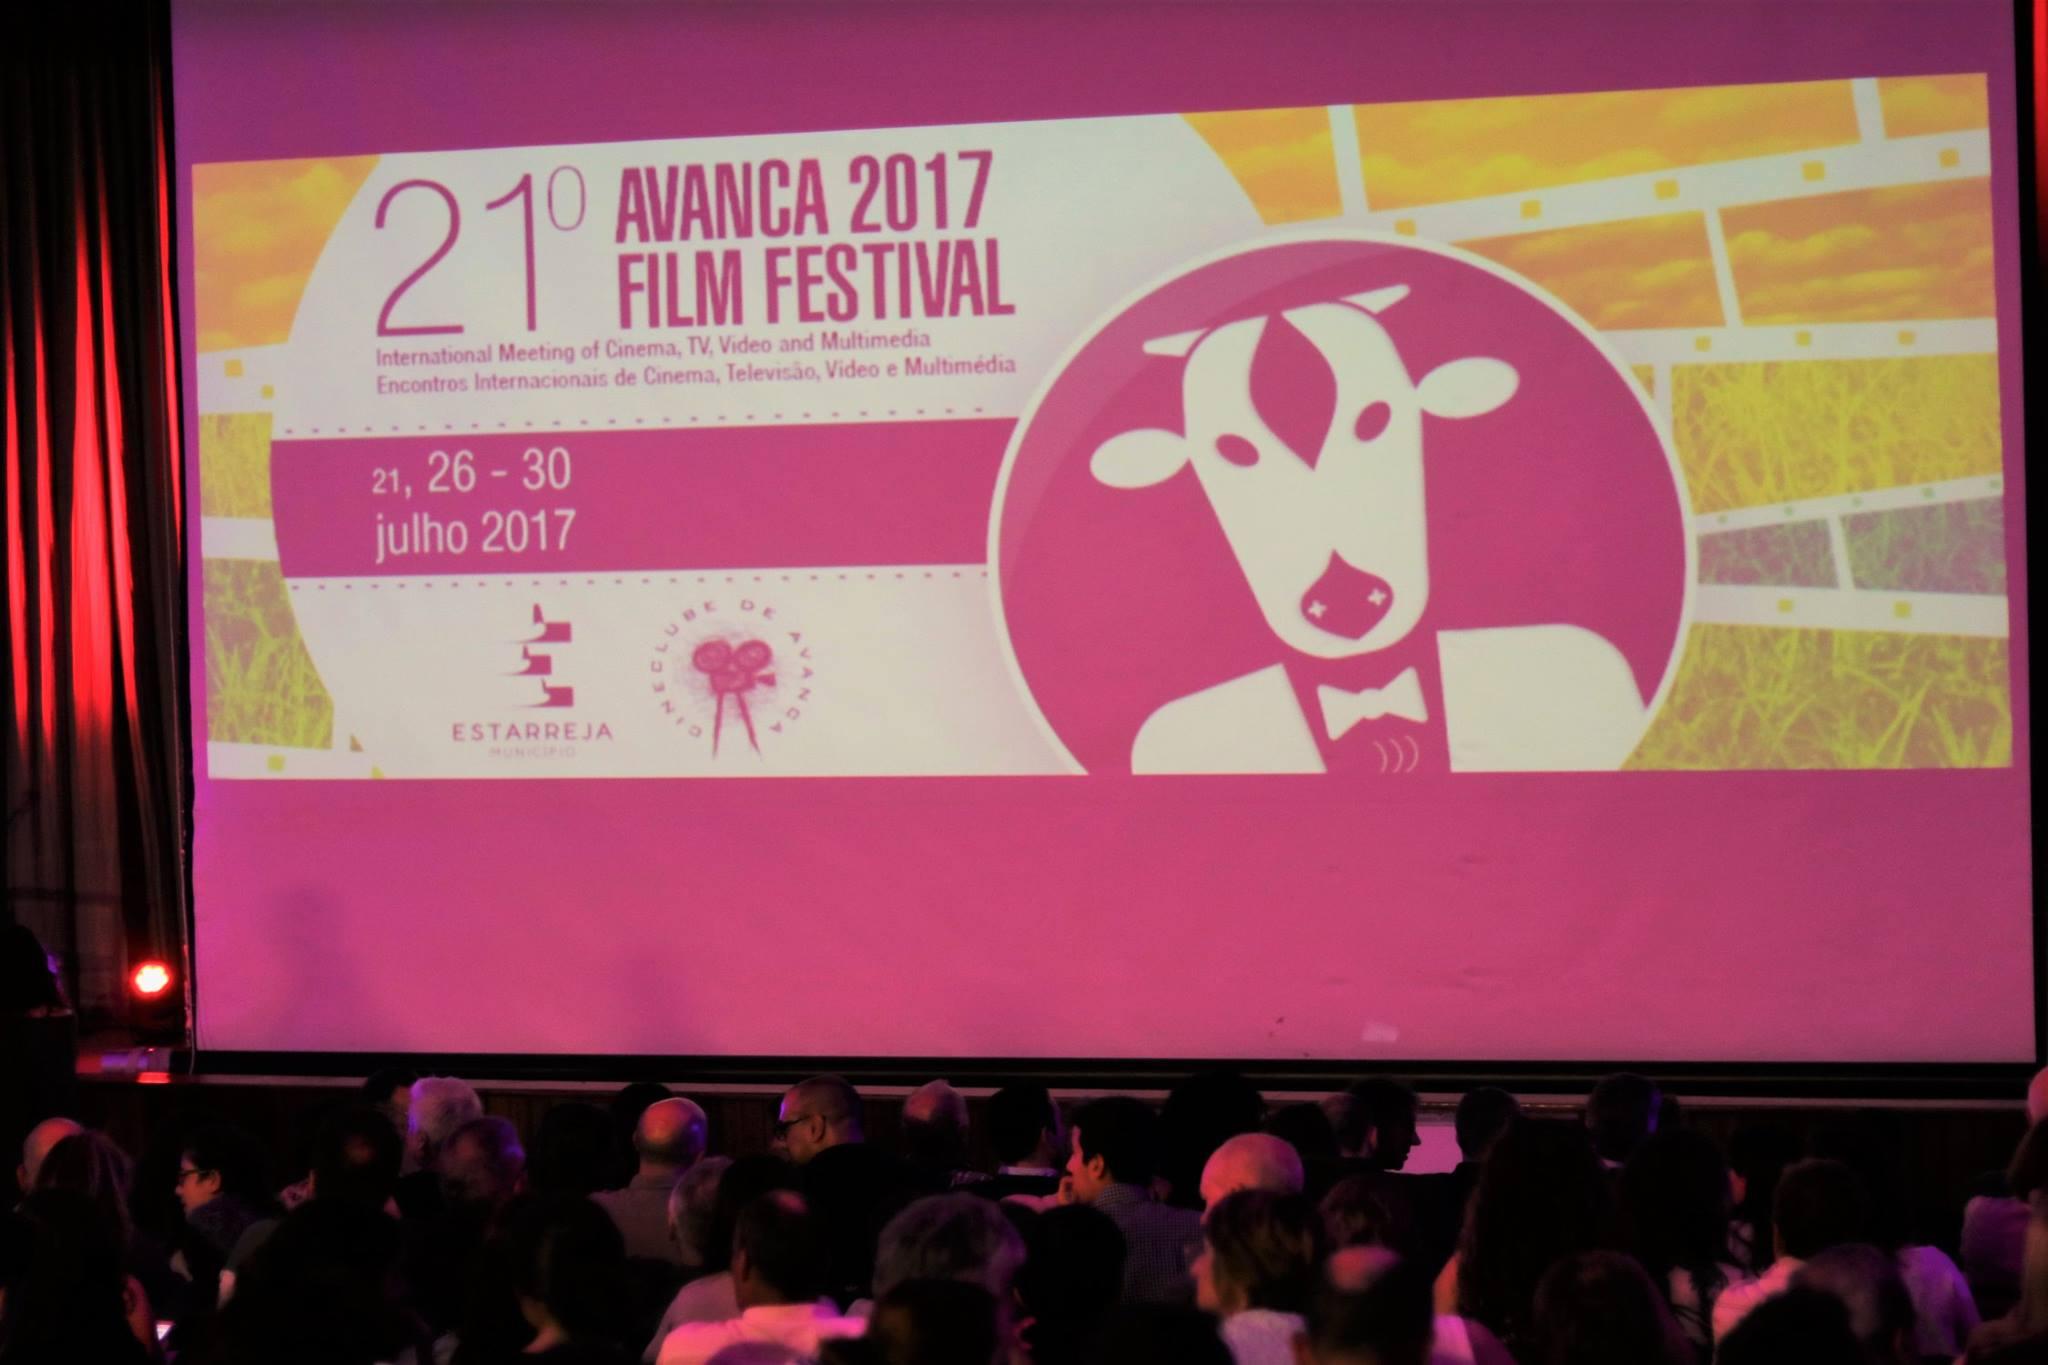 """COVID-19: formato """"mini Drive-In"""" vai ser testado no festival de cinema AVANCA"""